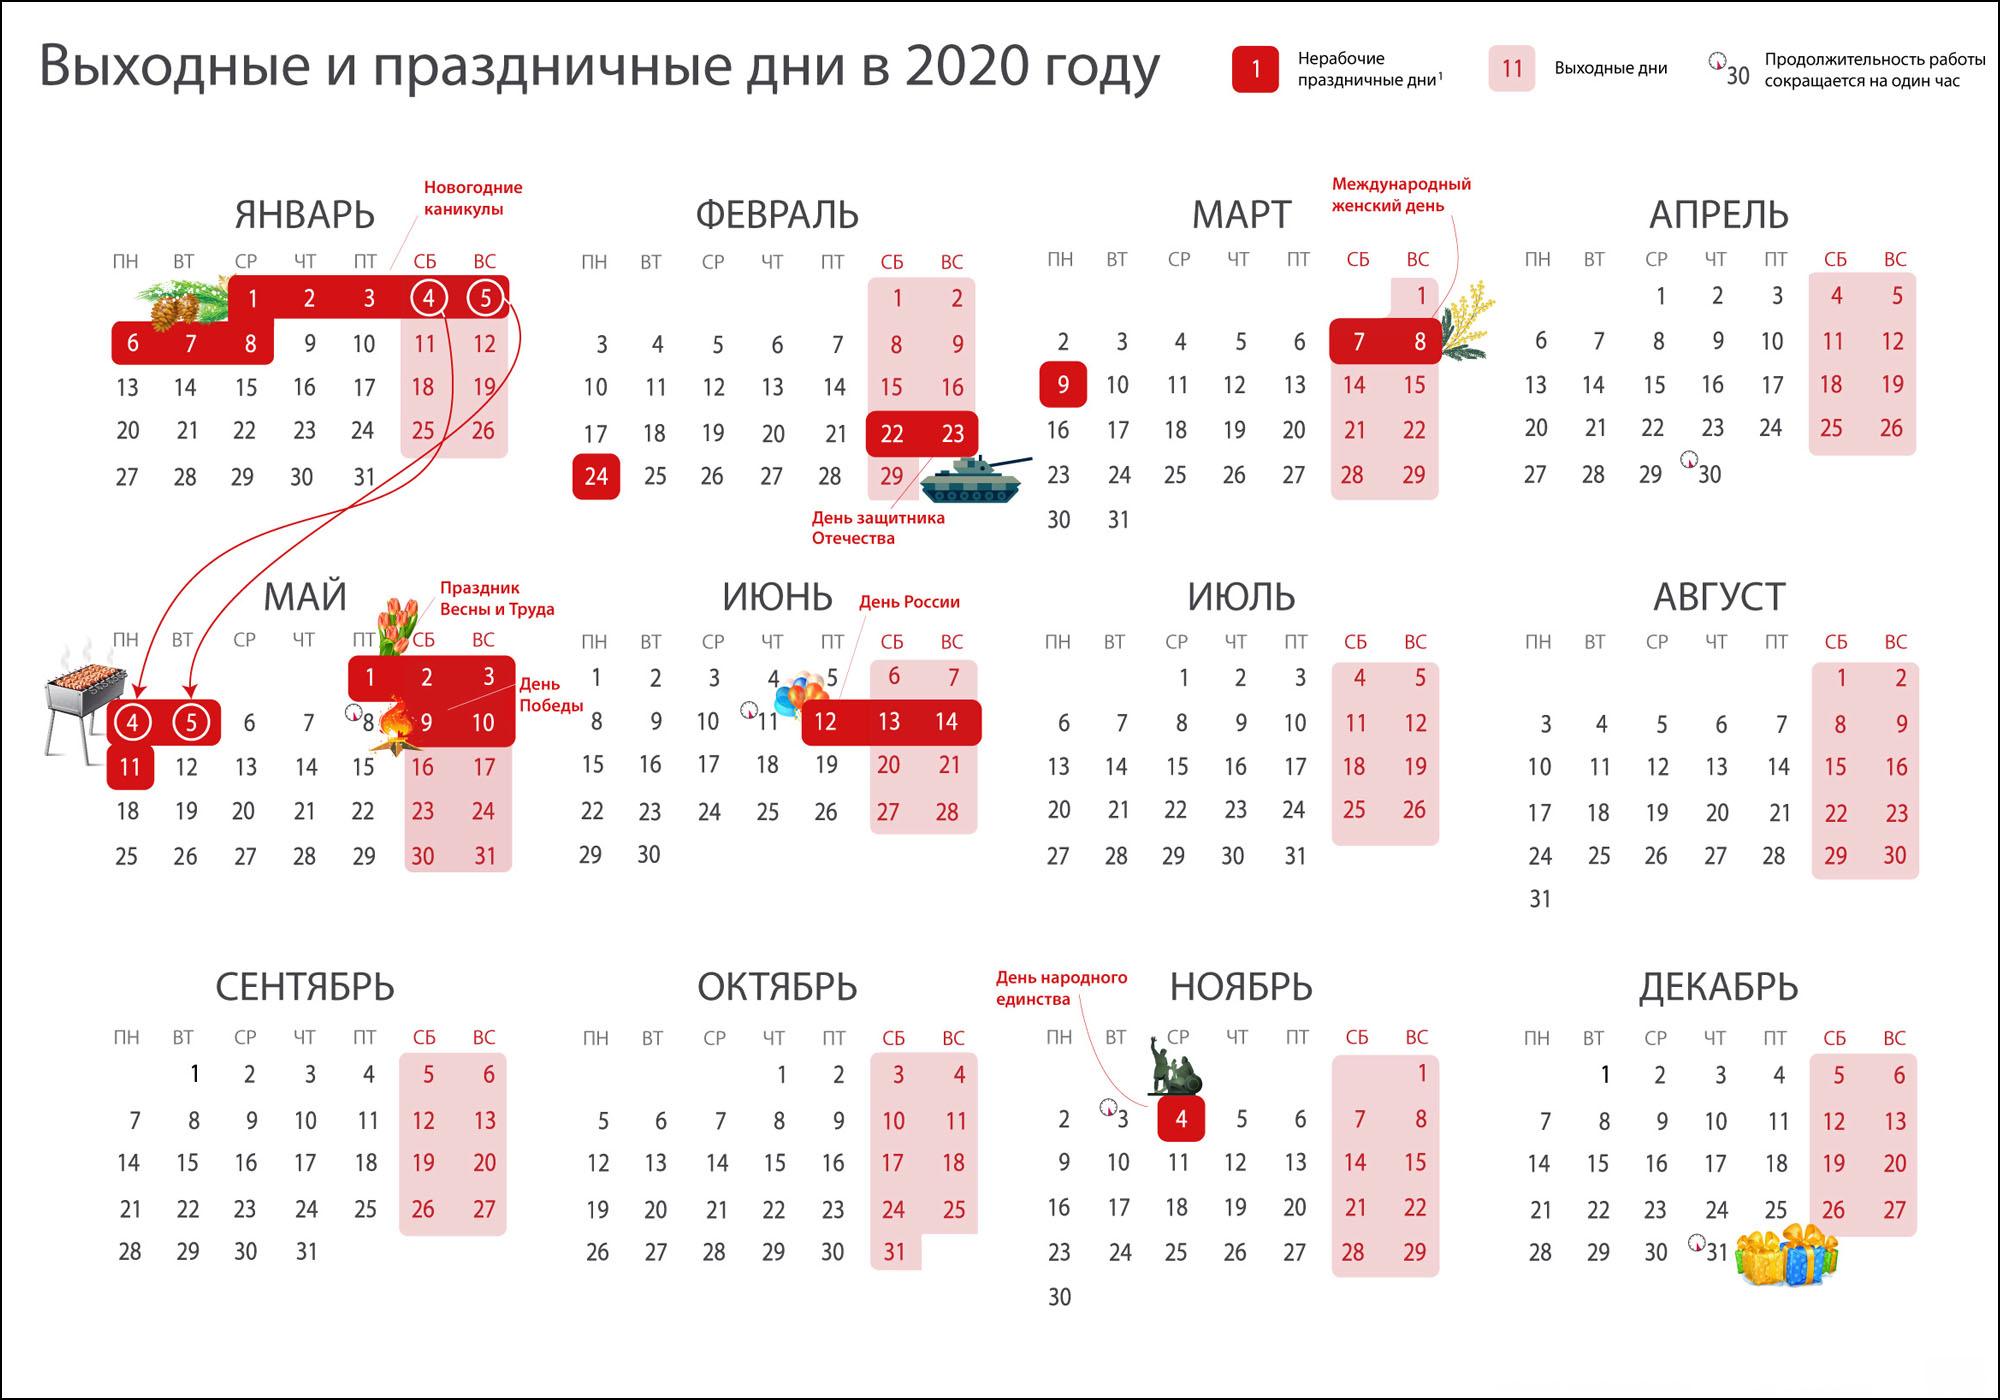 Календарь с праздниками и праздничными днями на 2020 год